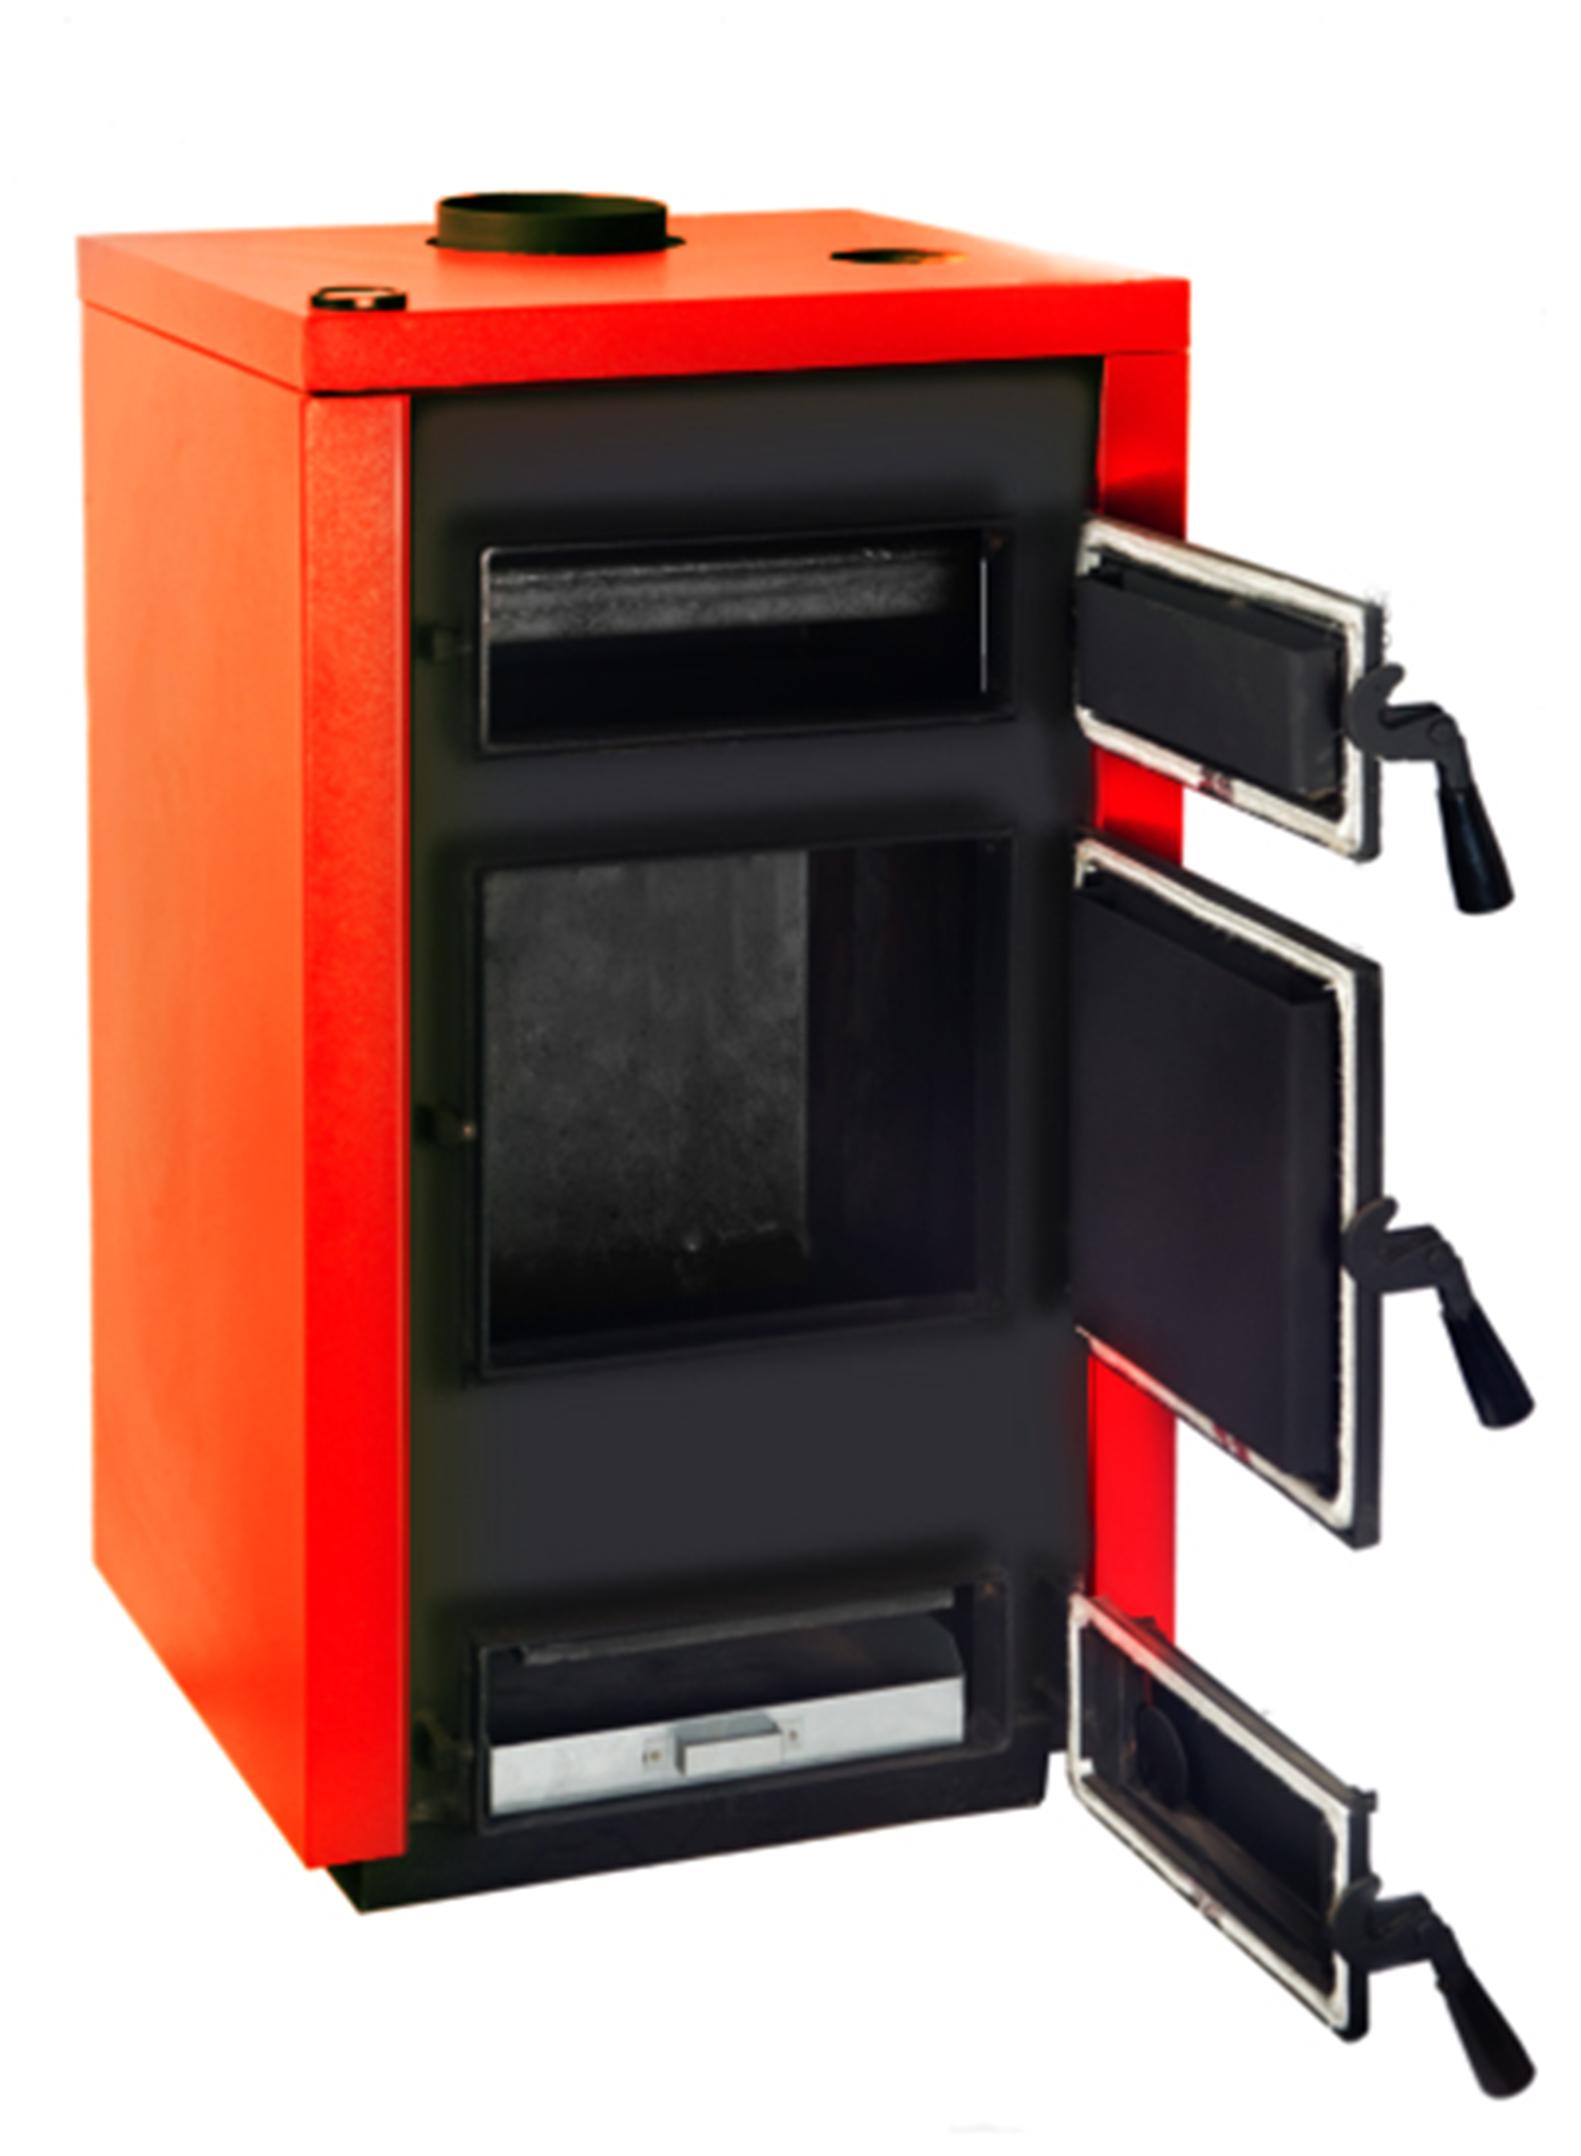 Твердотопливный котел для отопления частного дома и дачи: какой лучше выбрать, виды, особенности, рейтинг лучших моделей